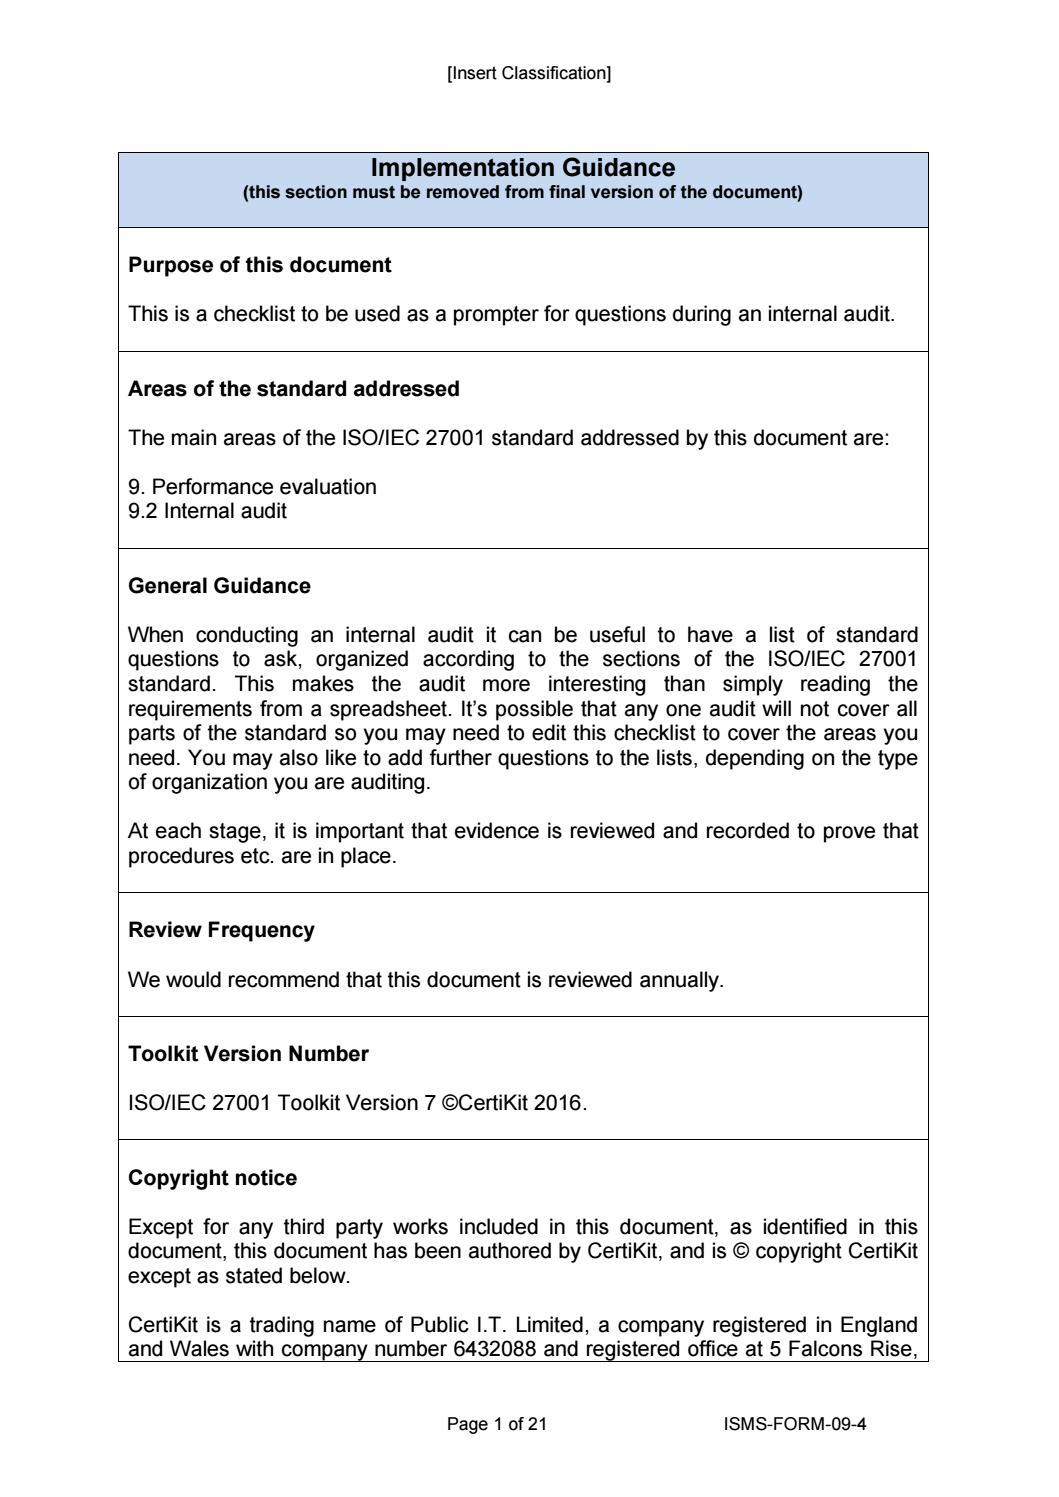 isms form 09 4 internal audit checklist by certikit. Black Bedroom Furniture Sets. Home Design Ideas